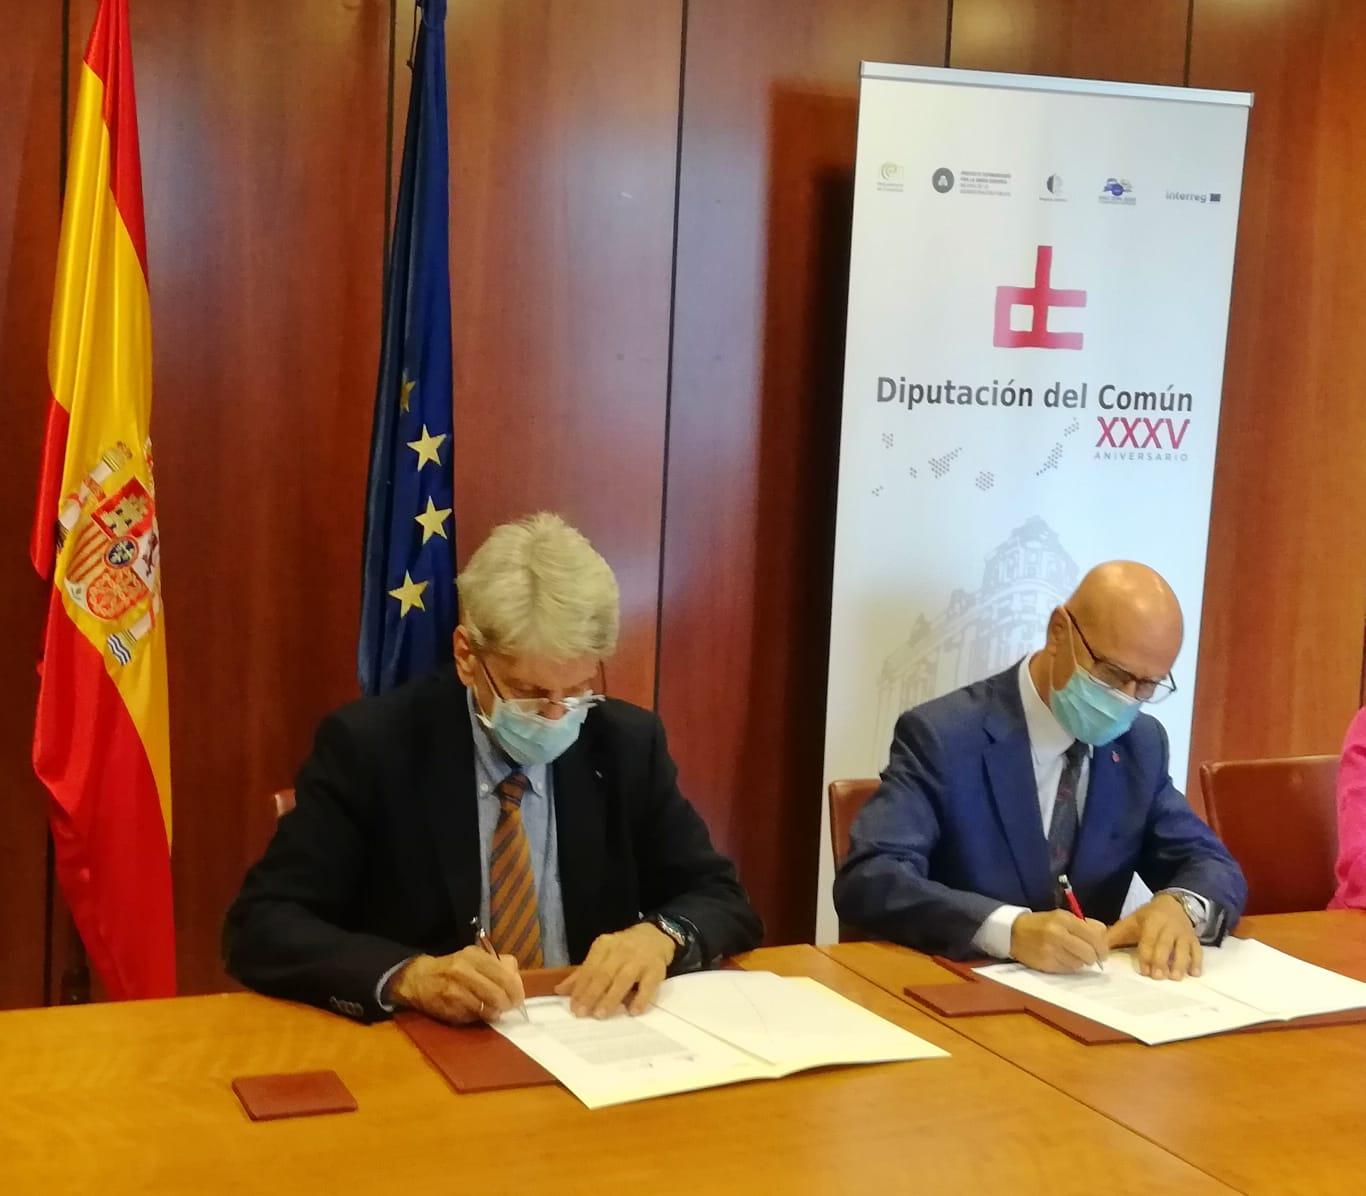 Gobierno y Diputación del Común firman un acuerdo contra la Violencia de Género